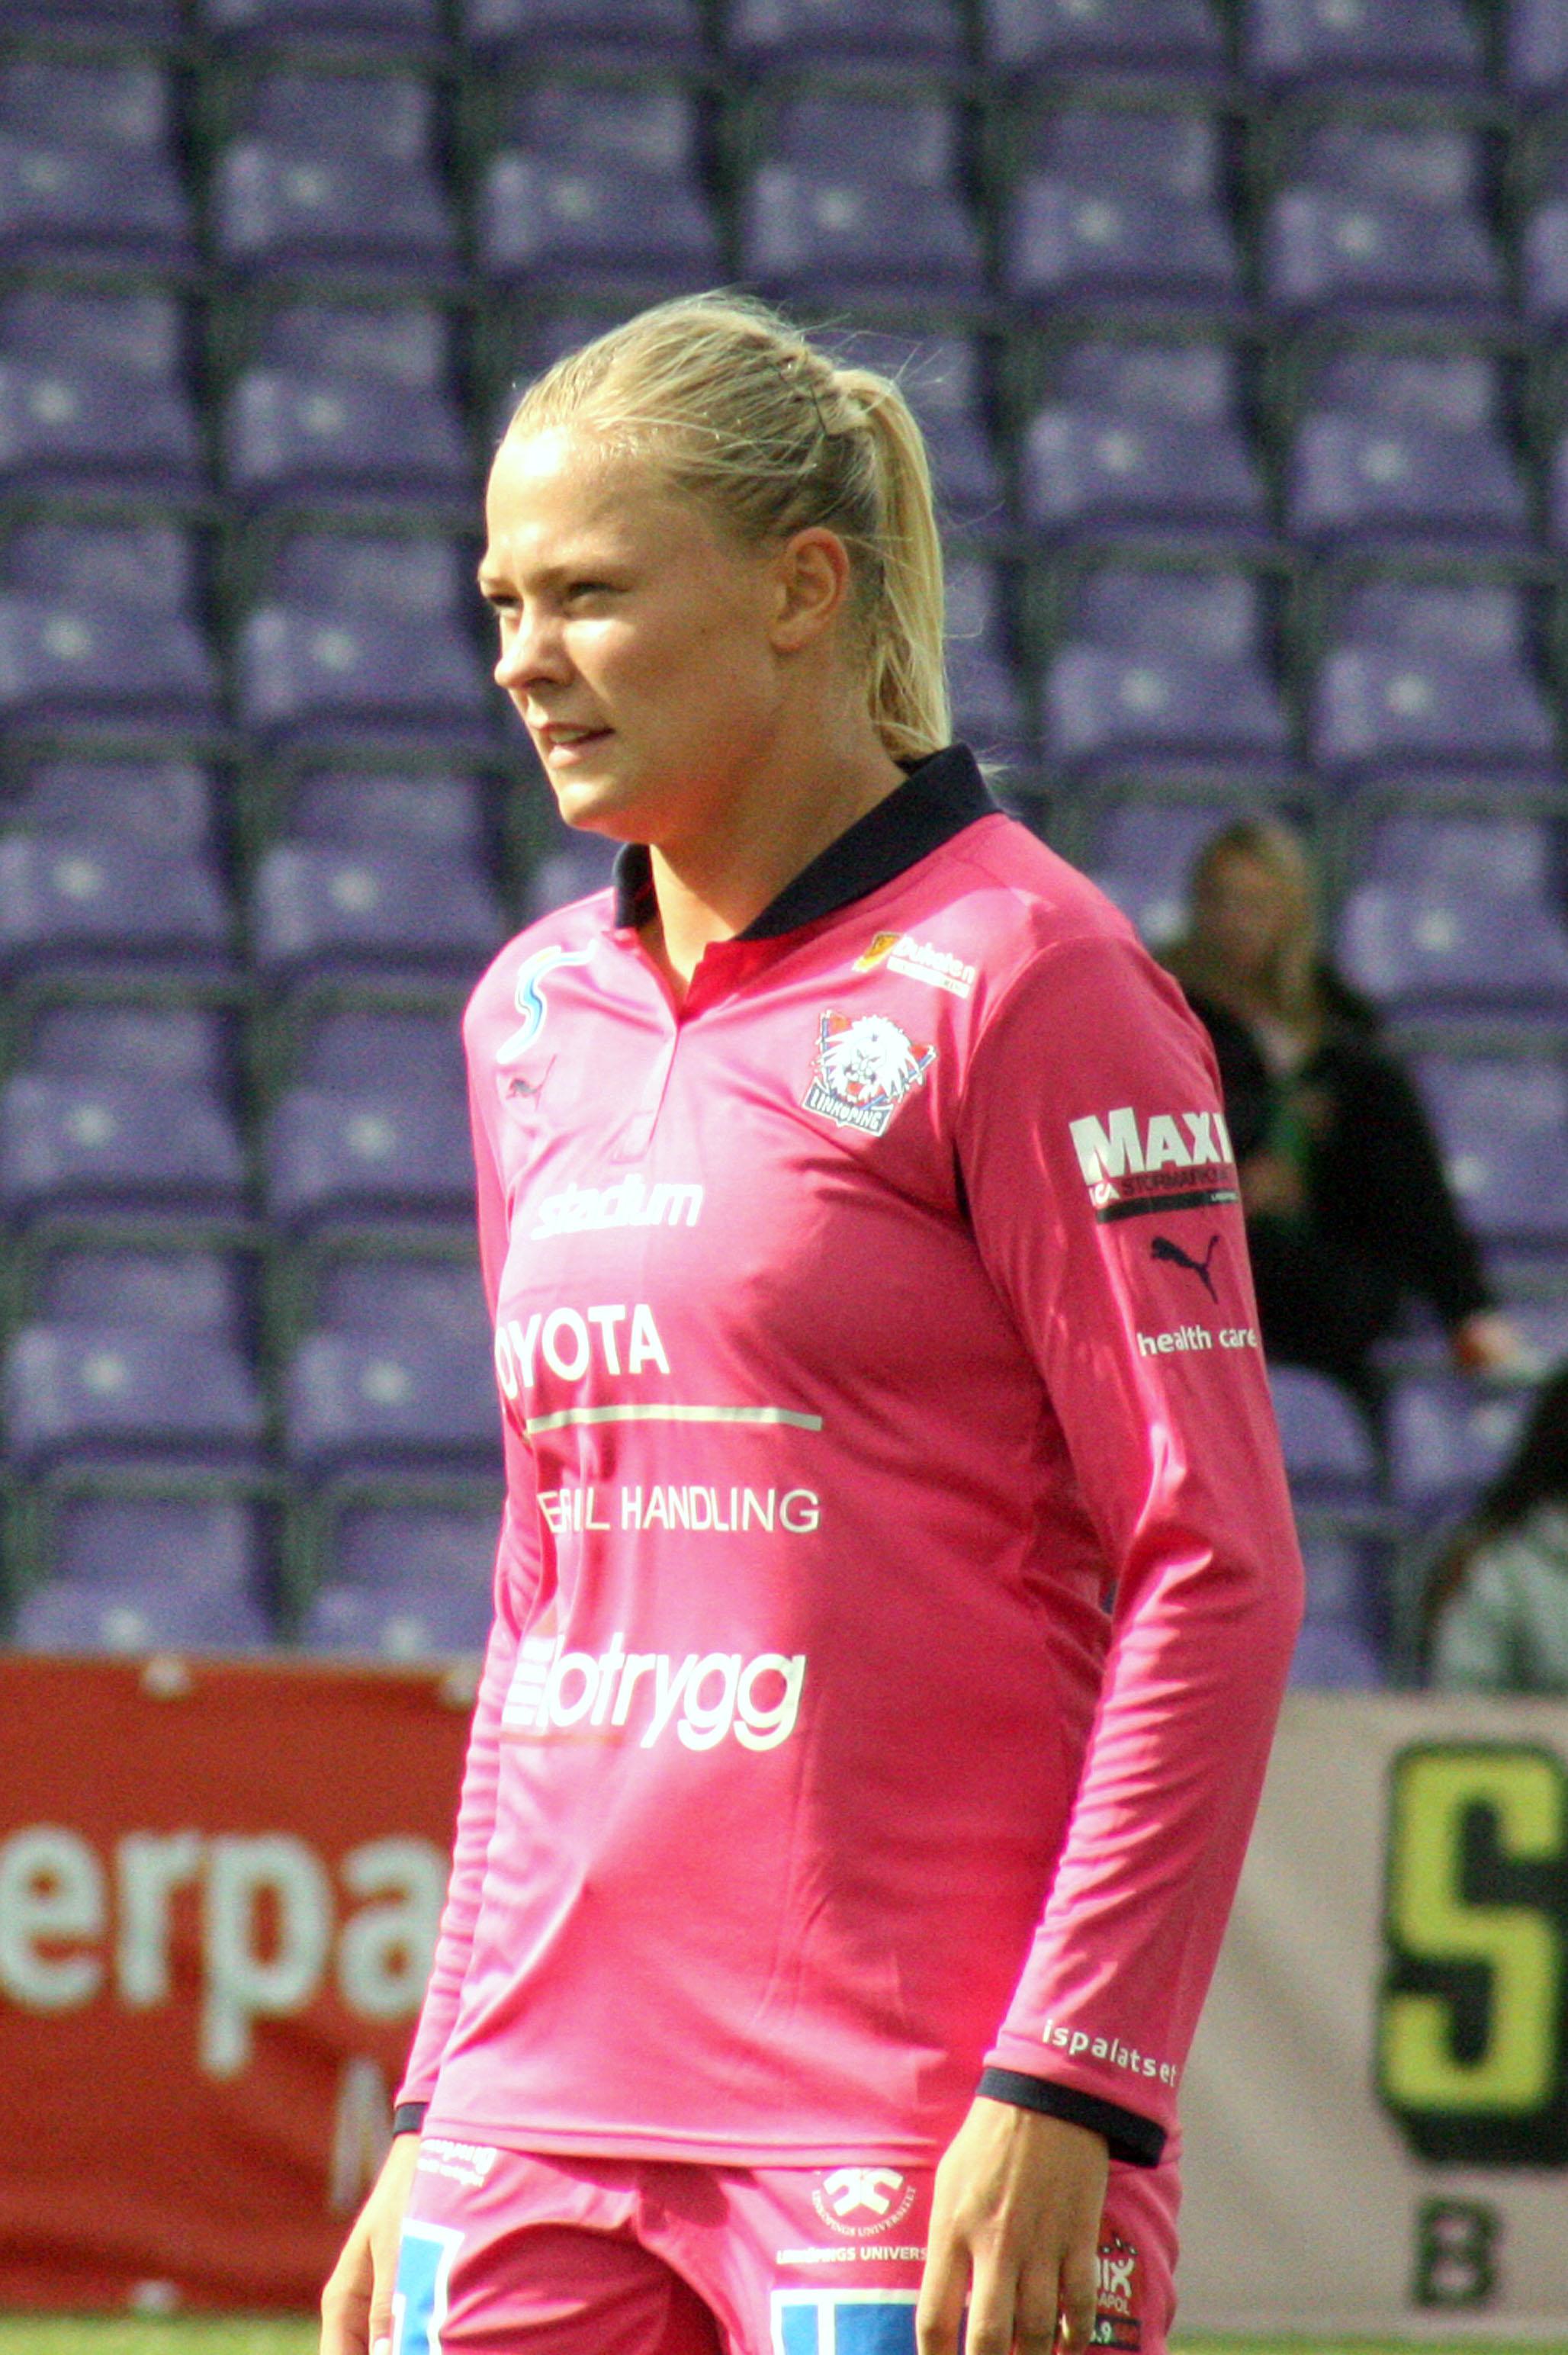 Schelin vann svenskmotet efter omdiskuterad straff